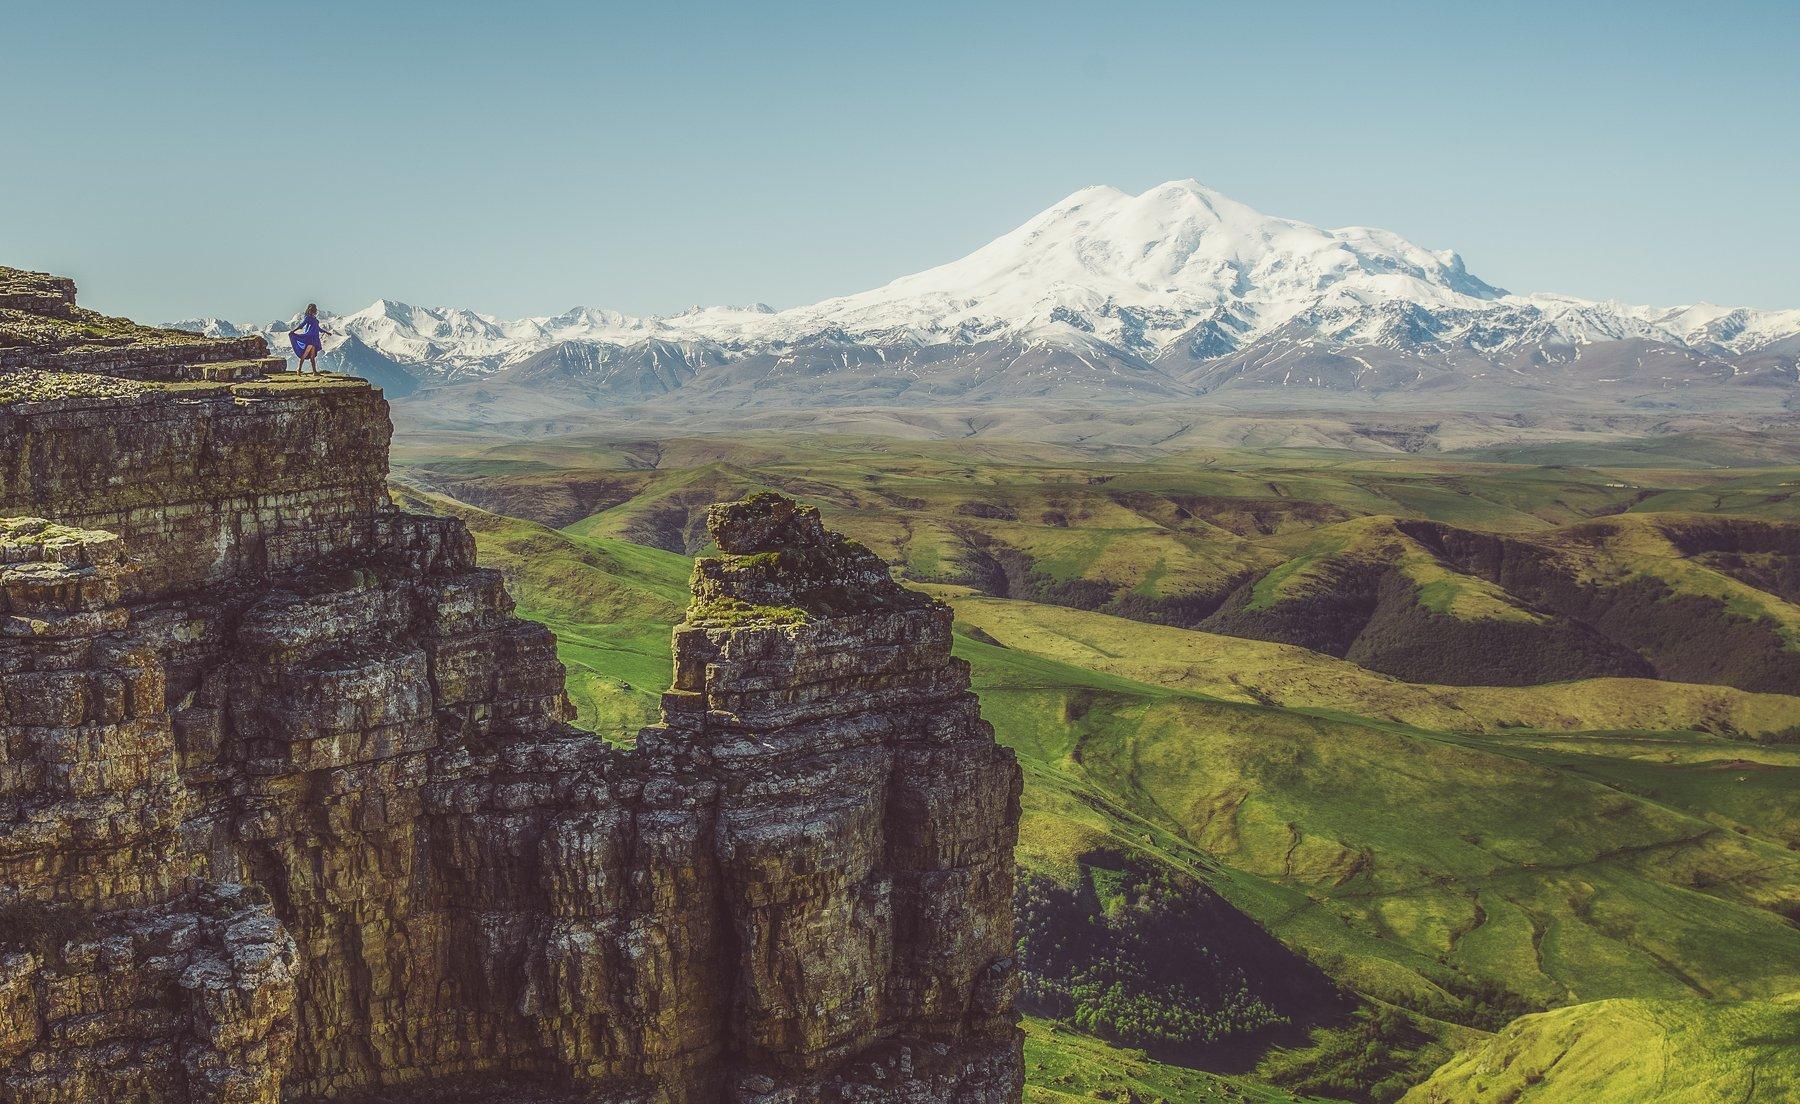 горы, эльбрус, кавказ, бермамыт, Горюнов Андрей